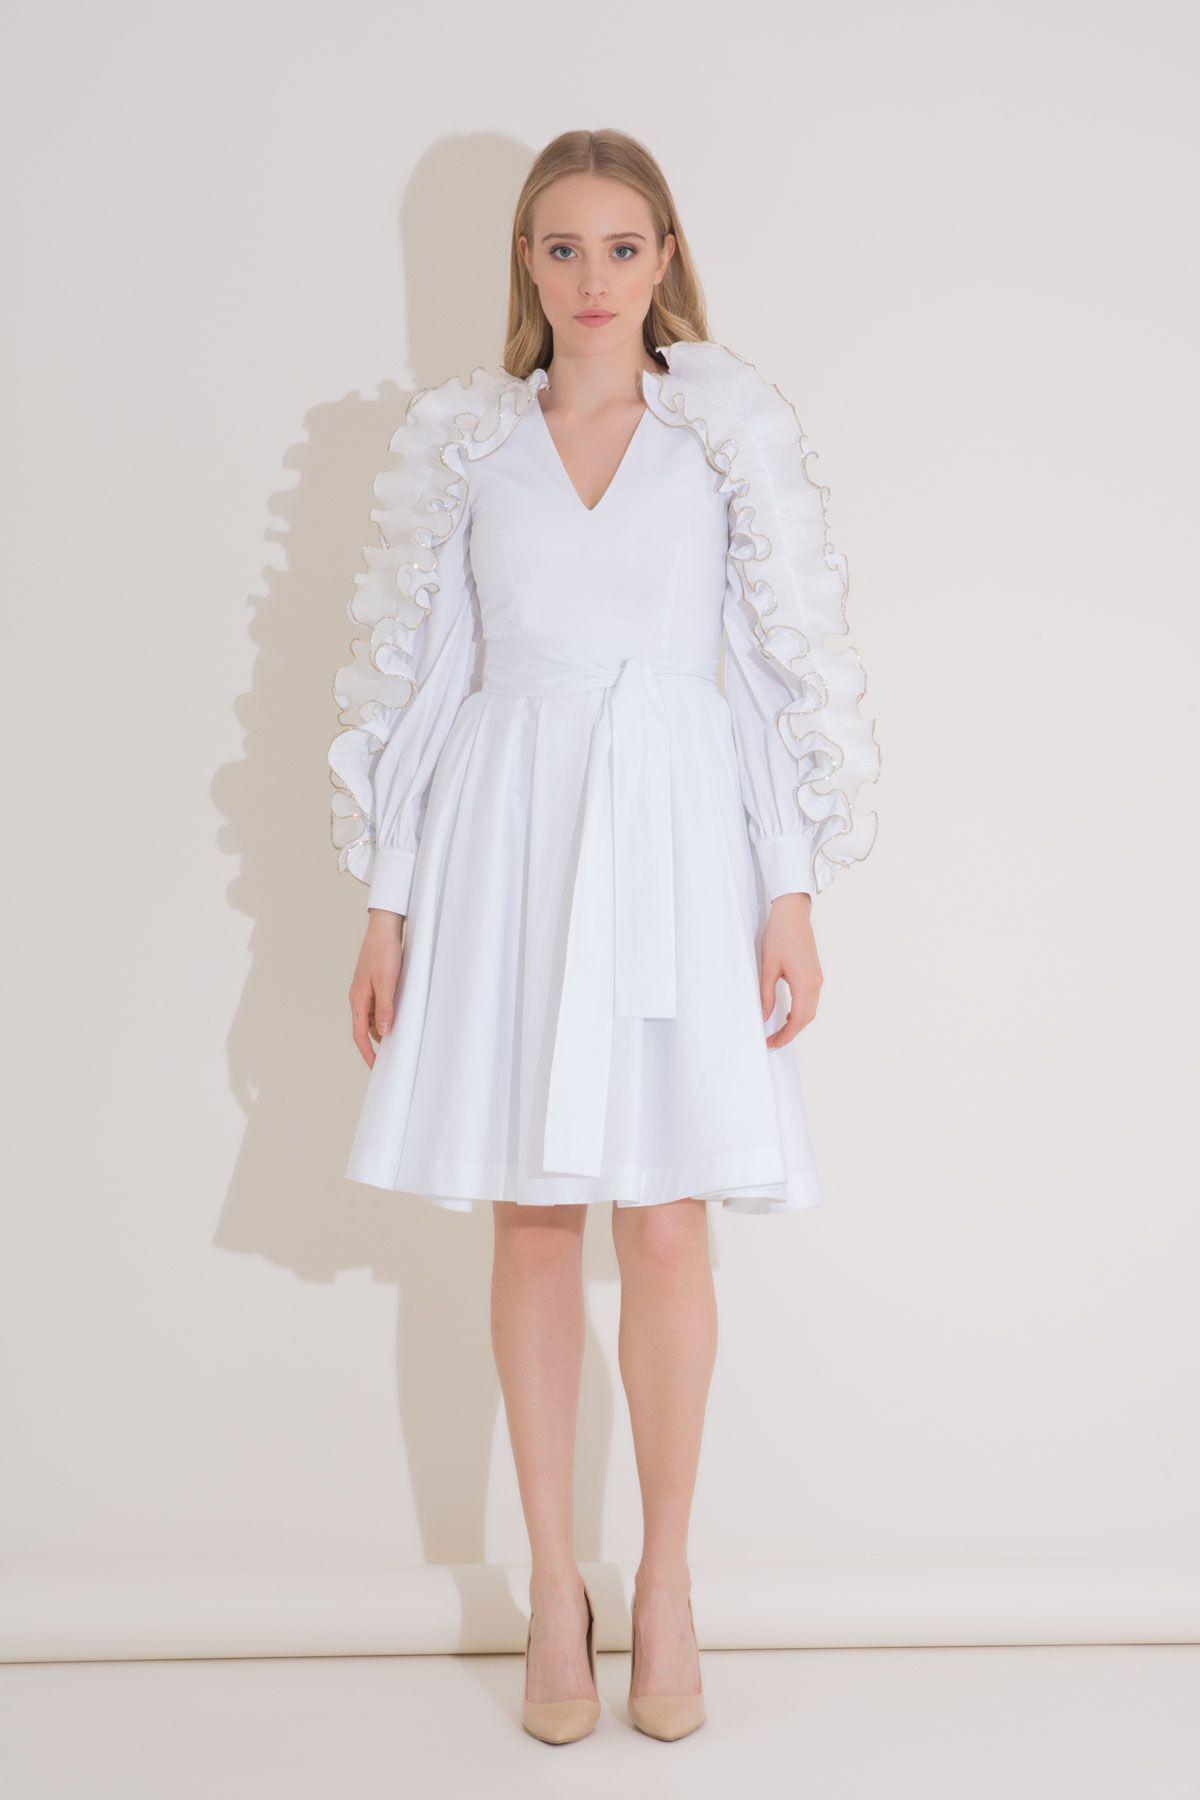 Kol Fırfır Detaylı Kuşaklı Beyaz Poplin Elbise